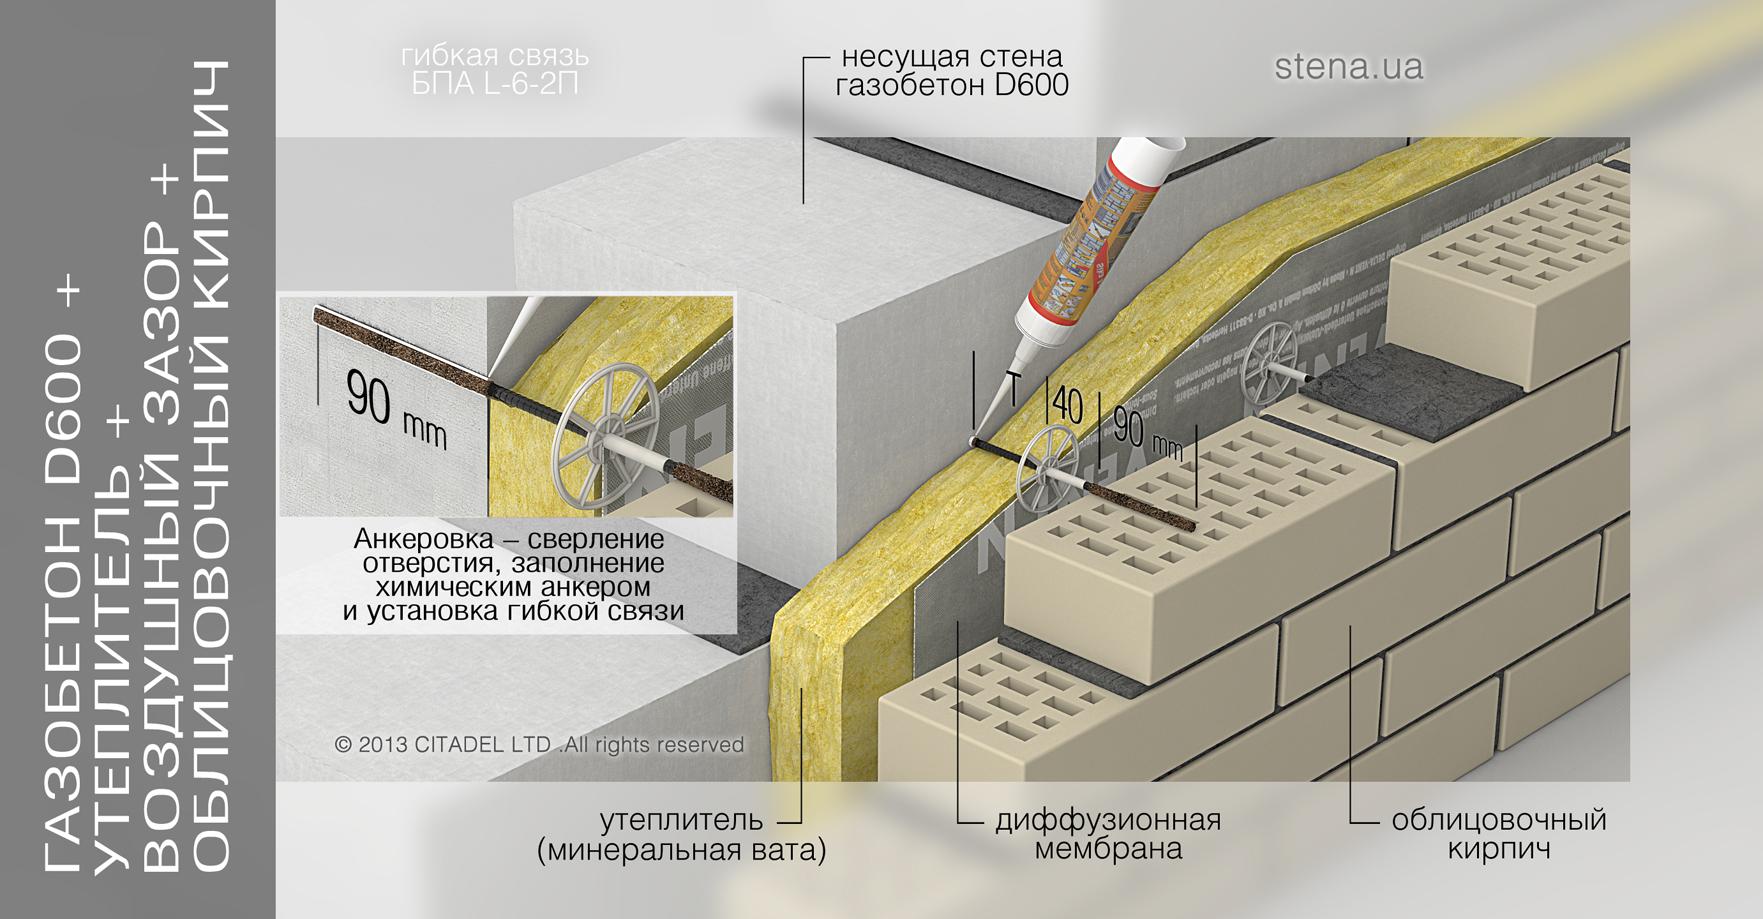 Гибкая связь БПА L-6-2П: Газобетон D600 + Утеплитель + Воздушный зазор + Облицовочный кирпич